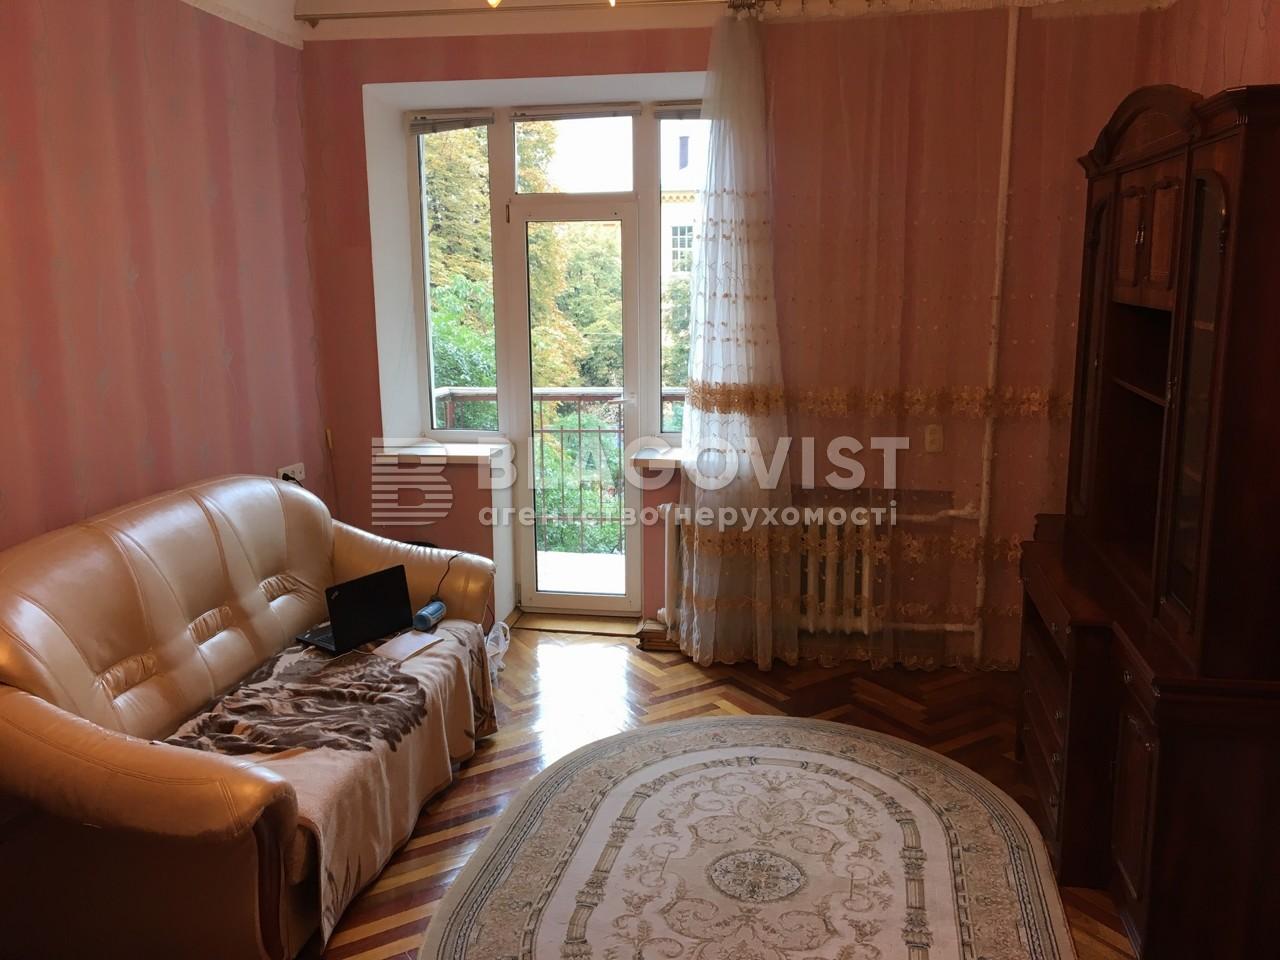 Квартира C-76823, Тютюнника Василия (Барбюса Анри), 5, Киев - Фото 4